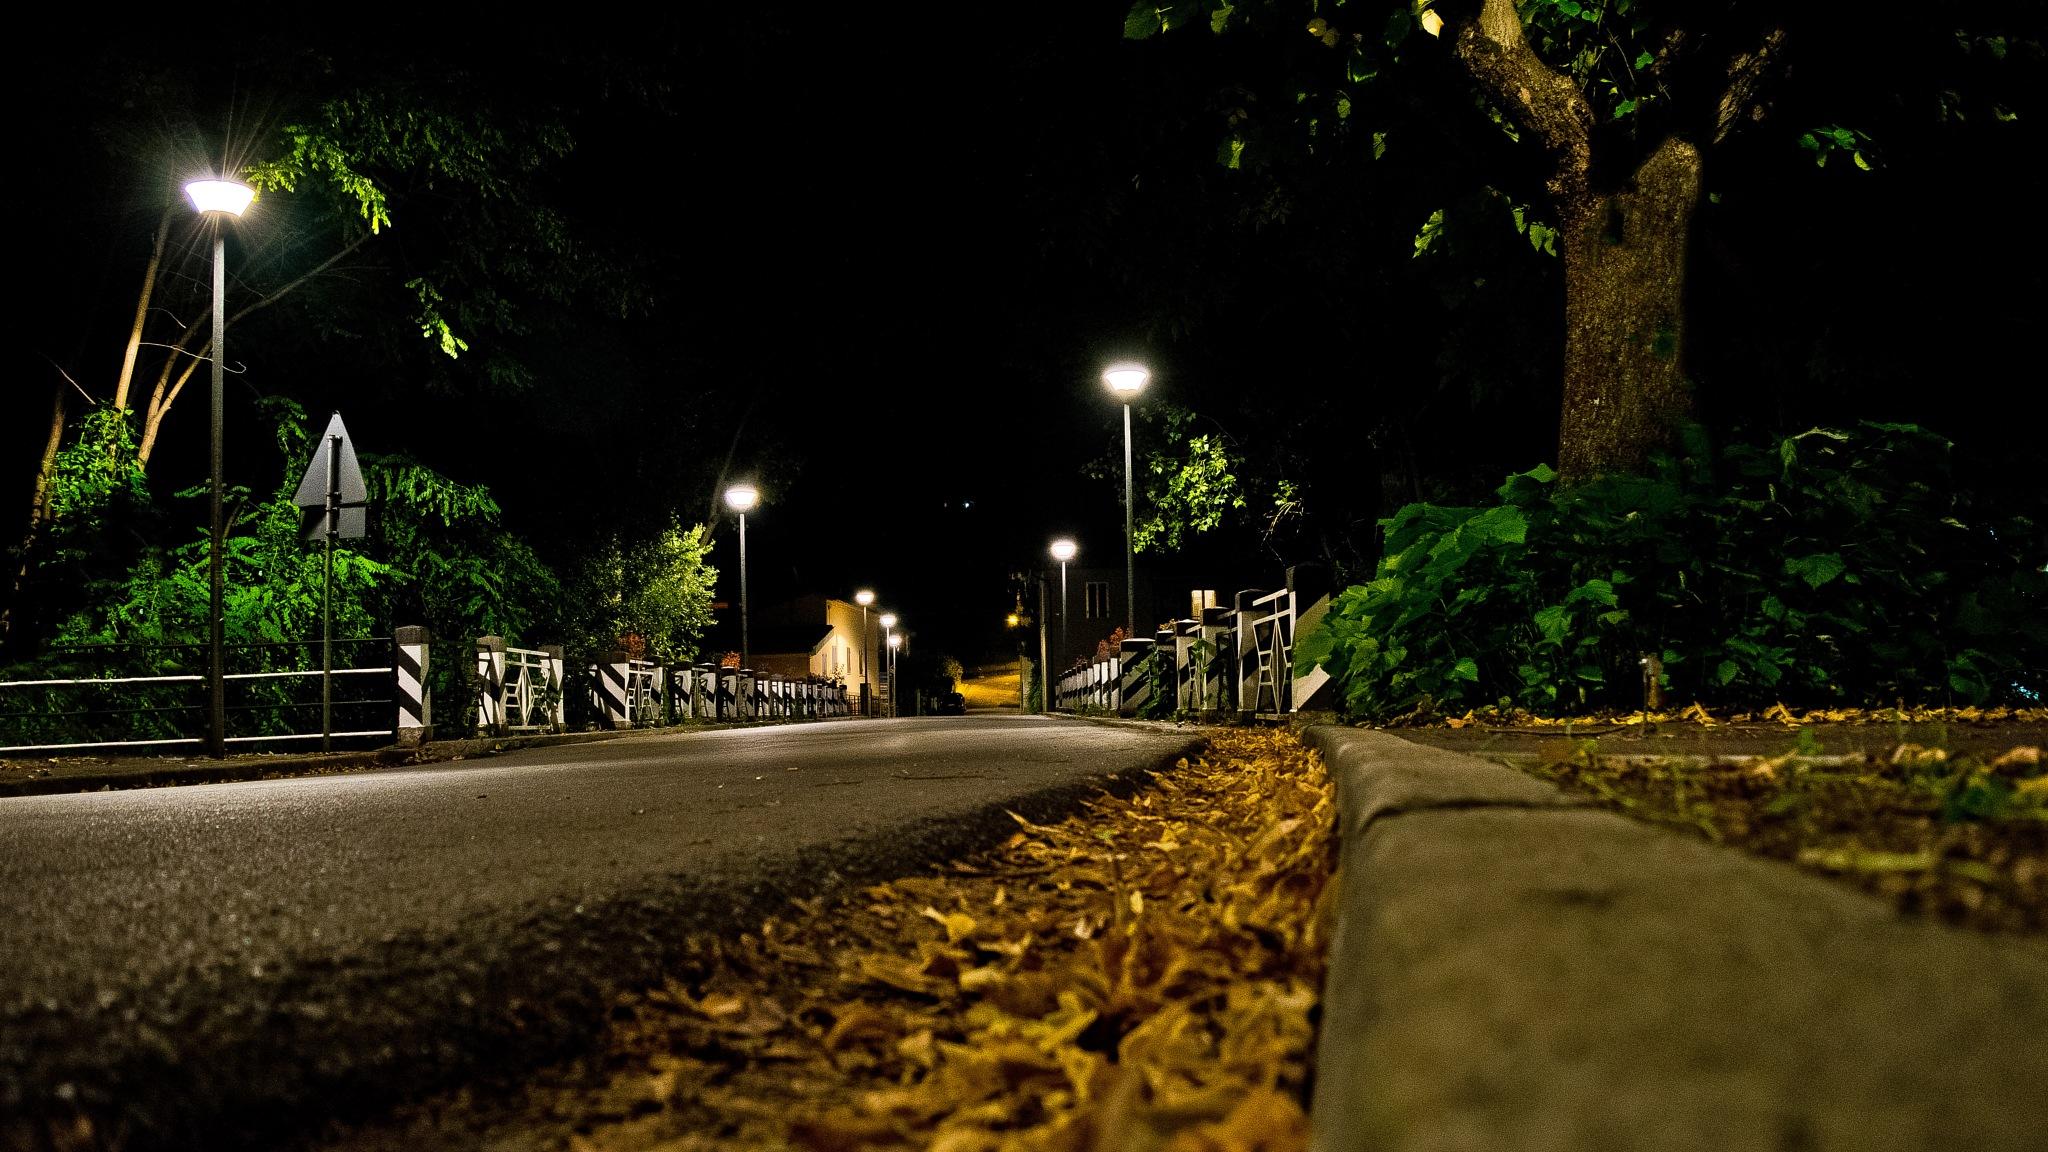 Otoño nocturno by oscarruben_suarez